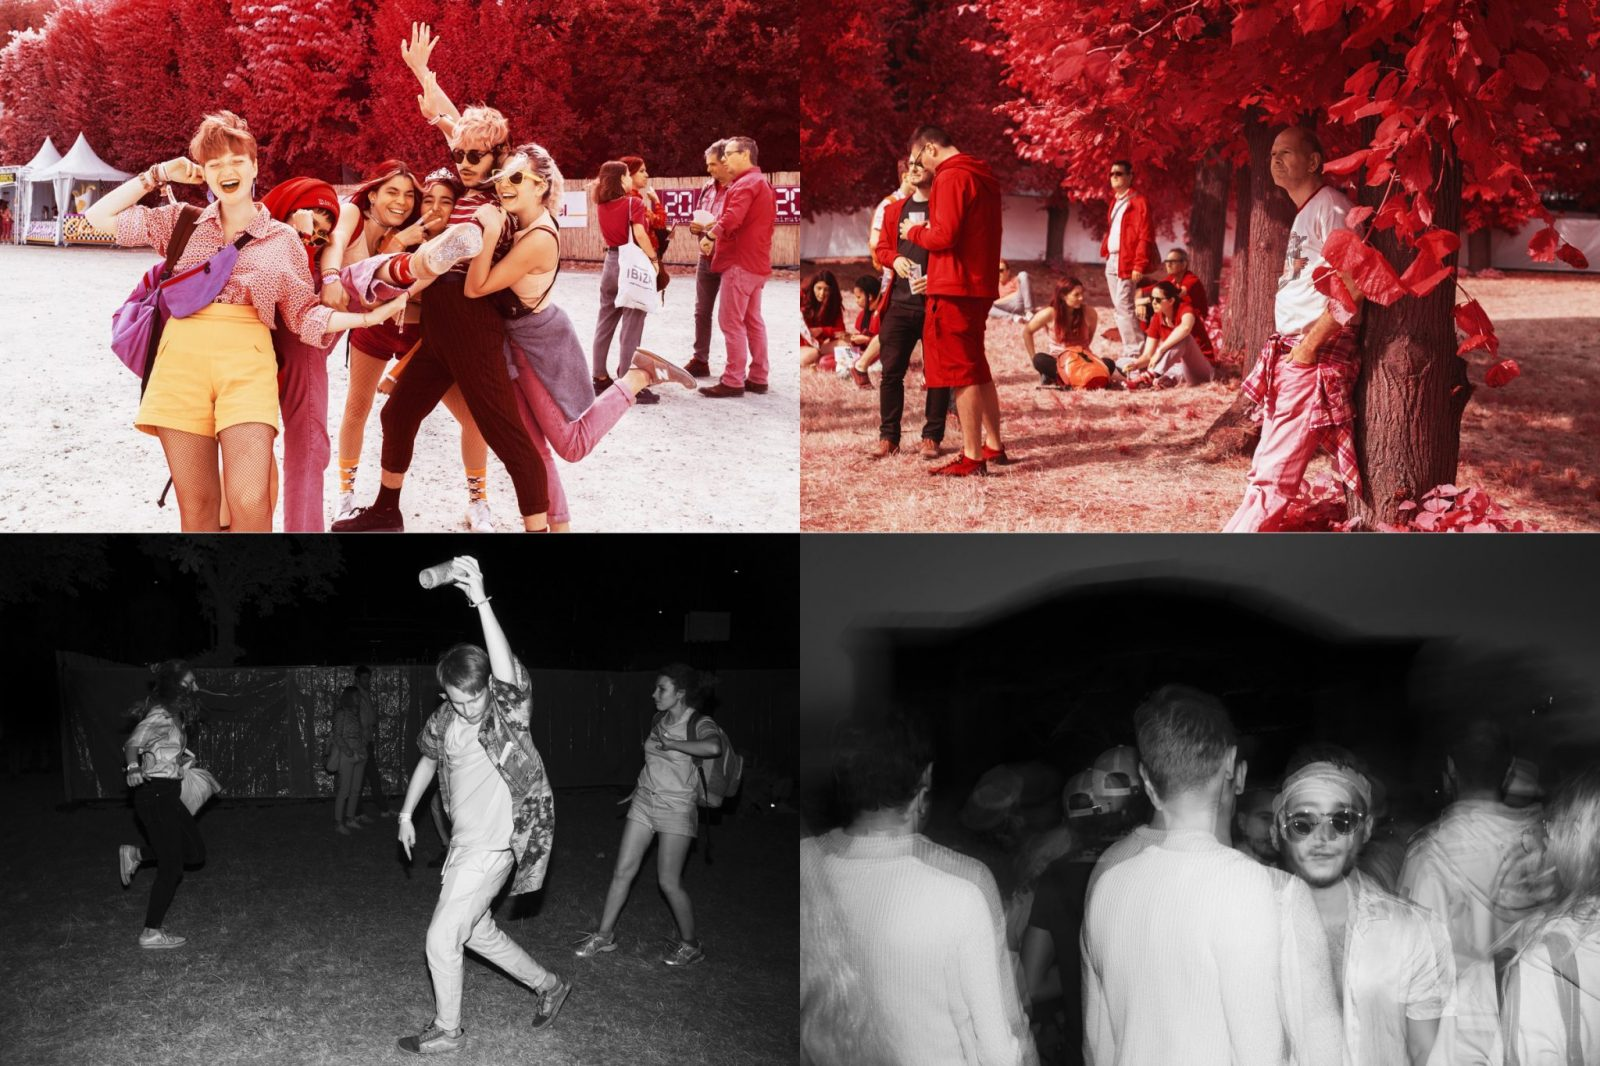 galerie rock en seine PL FERRER | Pierre-Louis Ferrer Photographie | Réalisations clients